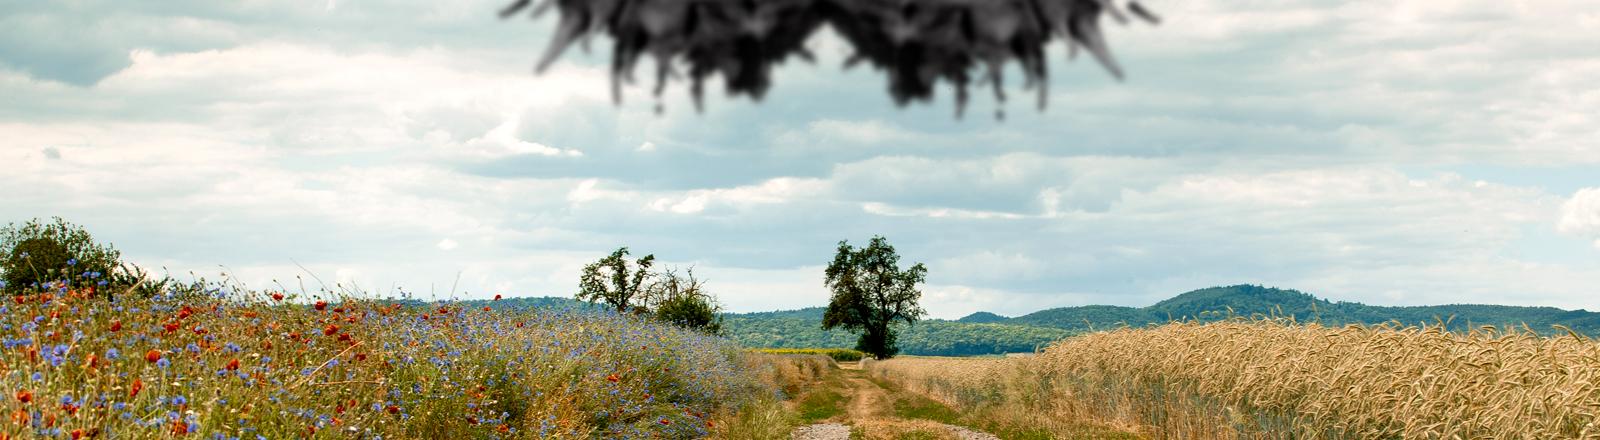 Bildkomposition mit zwei Kastanien im Vordergrund einer Landschaft